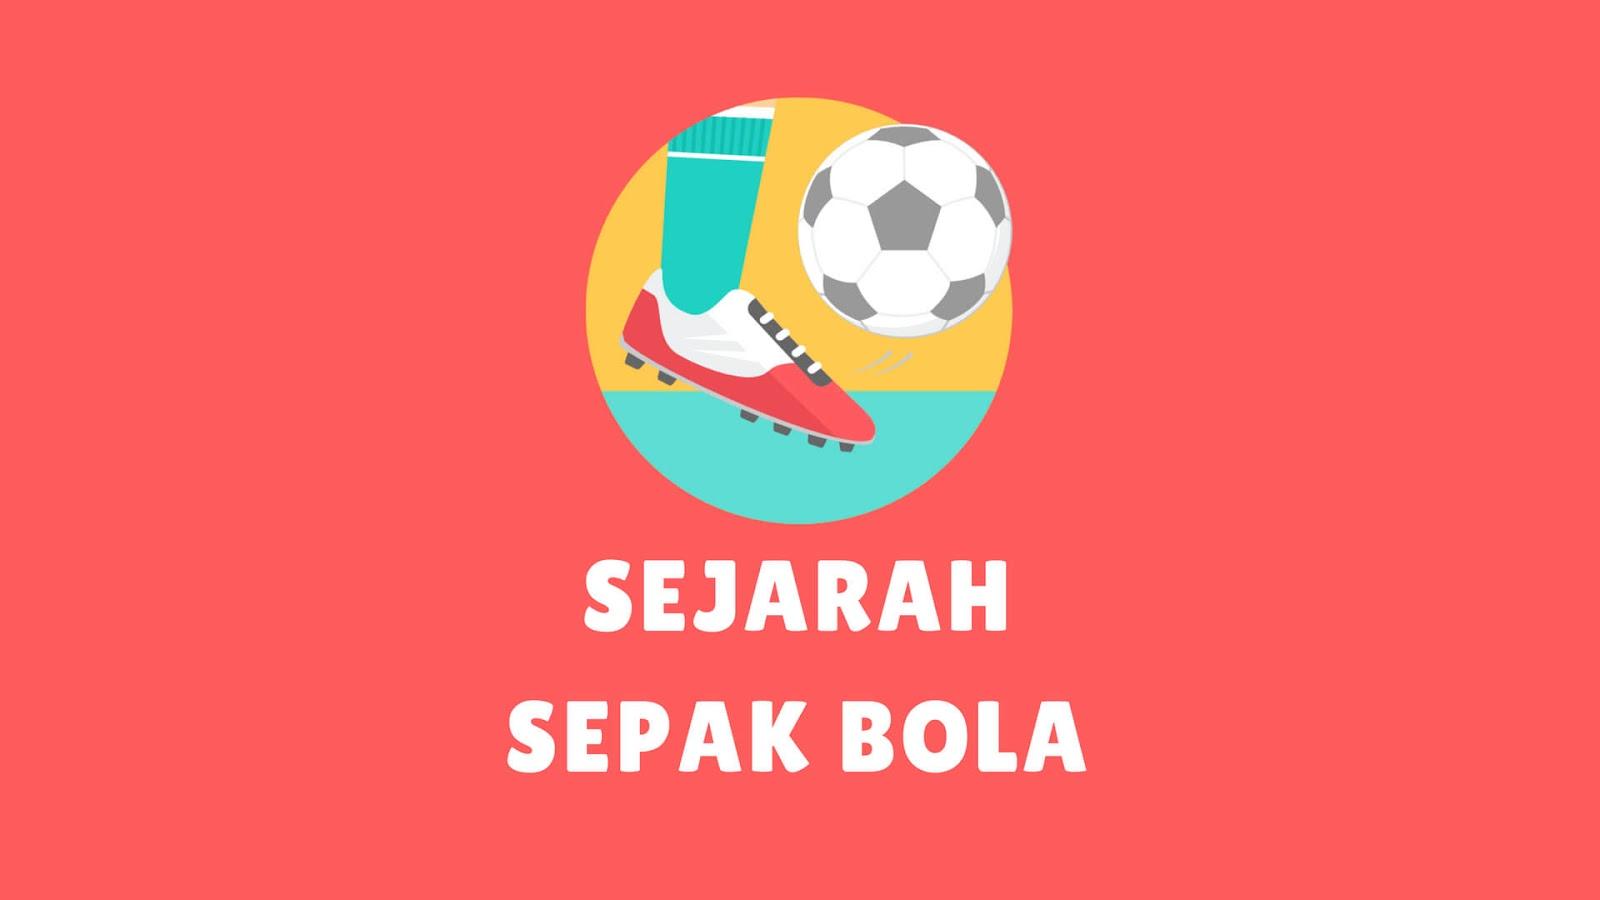 Sejarah Sepak Bola Di Dunia Indonesia Kuno Modern Lengkap